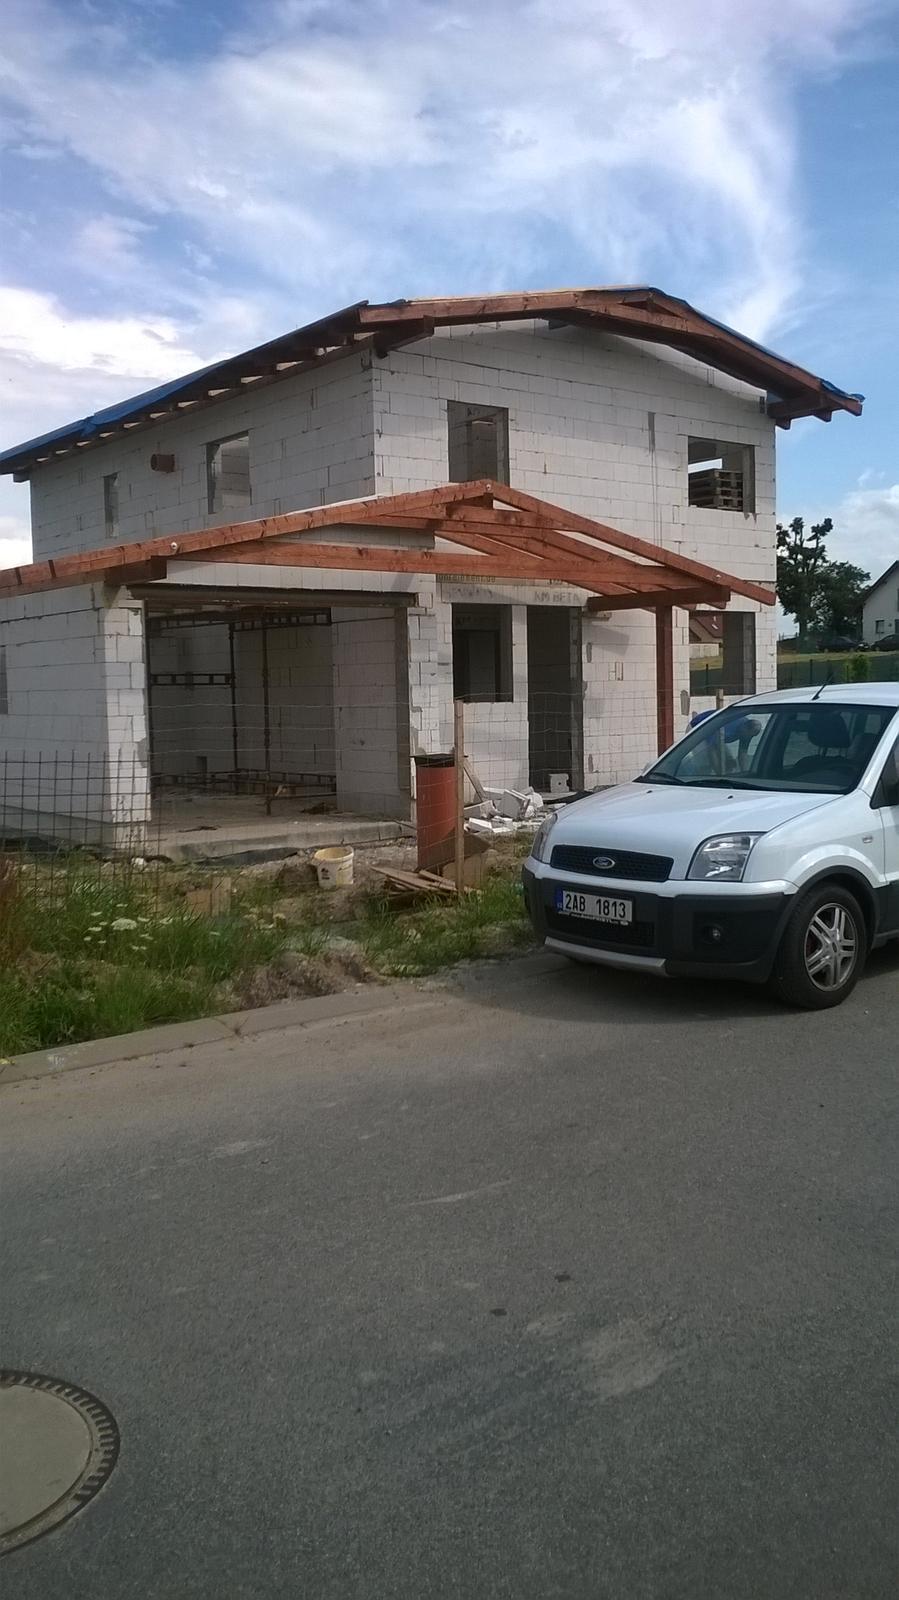 Stavba pasivního domu - Pohled z ulice, hotové krovy.